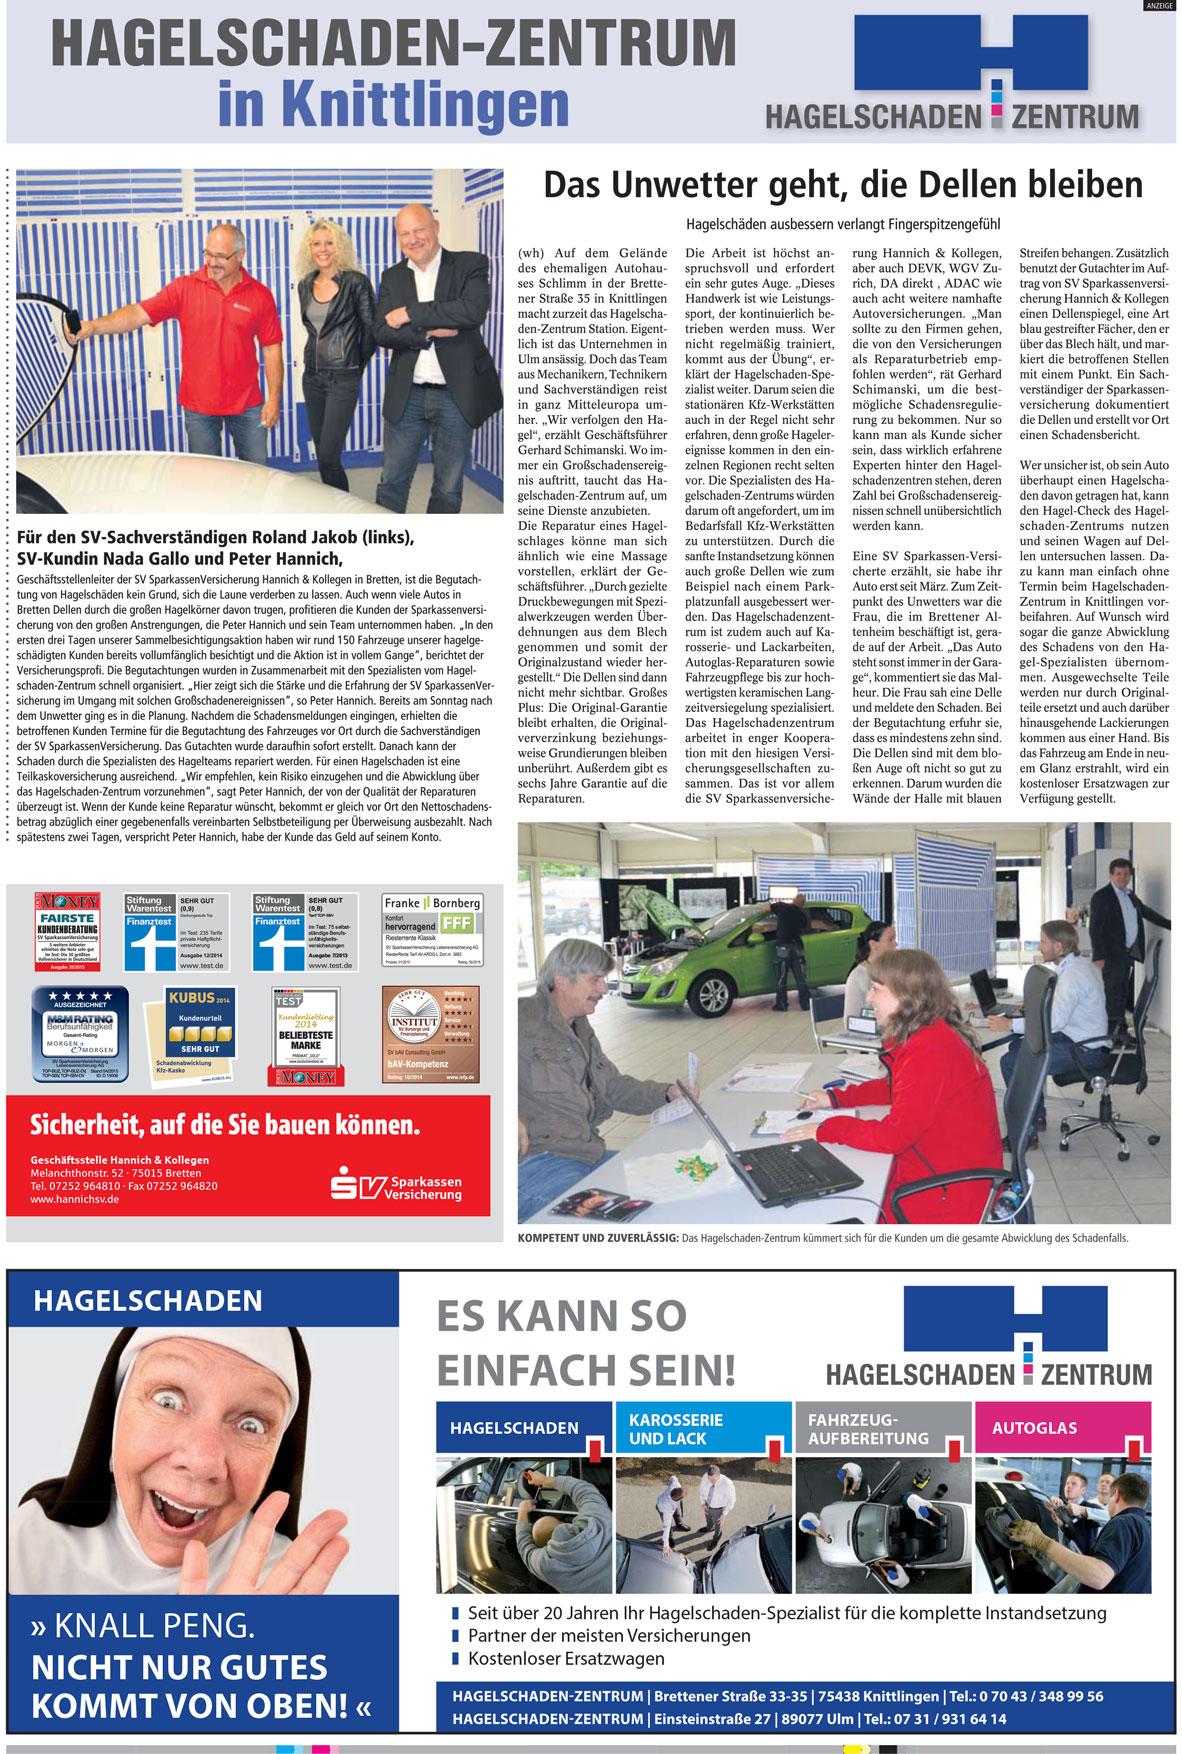 hsz-hagelschaden-knittlingen-bericht-artikel1